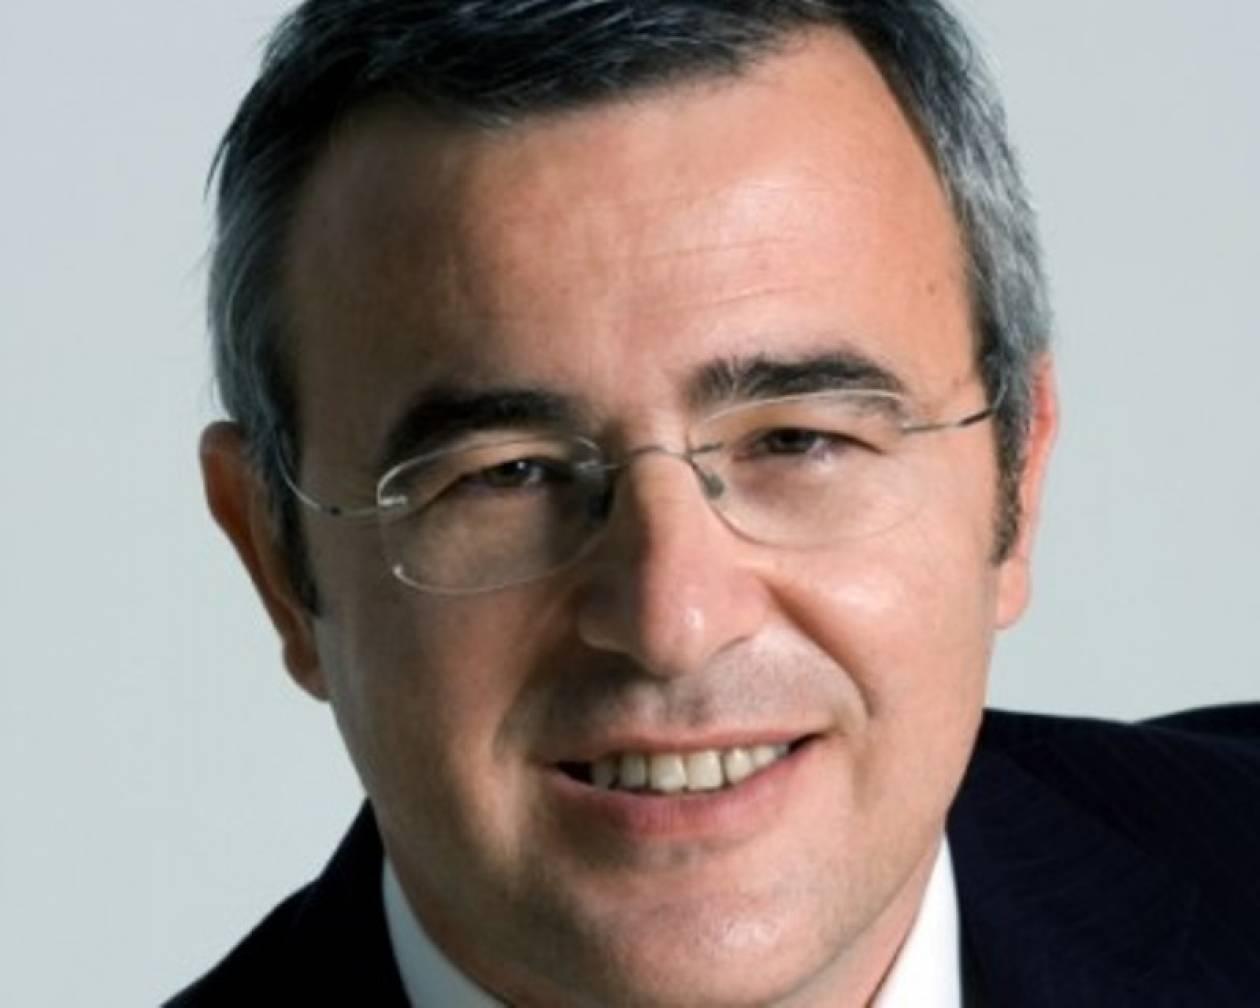 Ο Ν. Κανελόπουλος Γ.Γ. στο υπουργείο Δικαιοσύνης